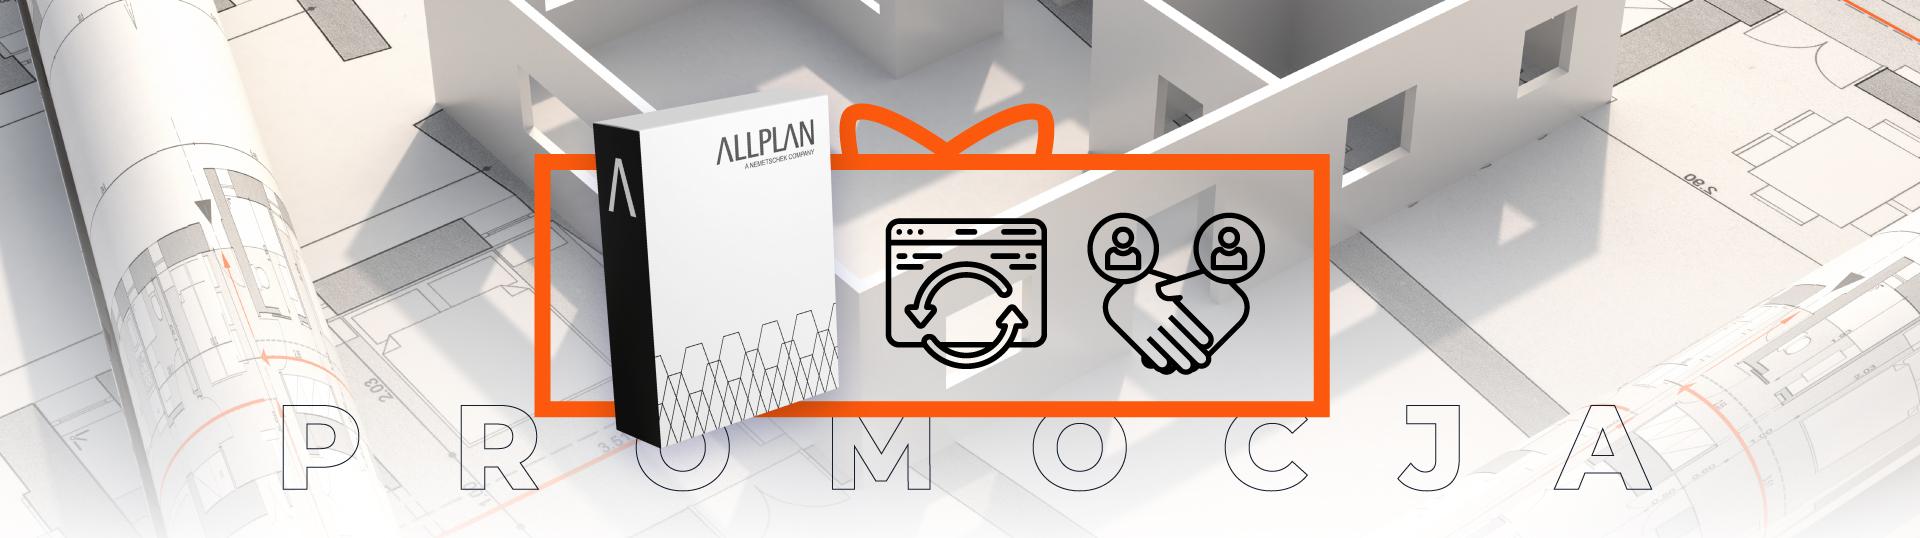 Promocja Upgrade + SSA dla klientów Allplan